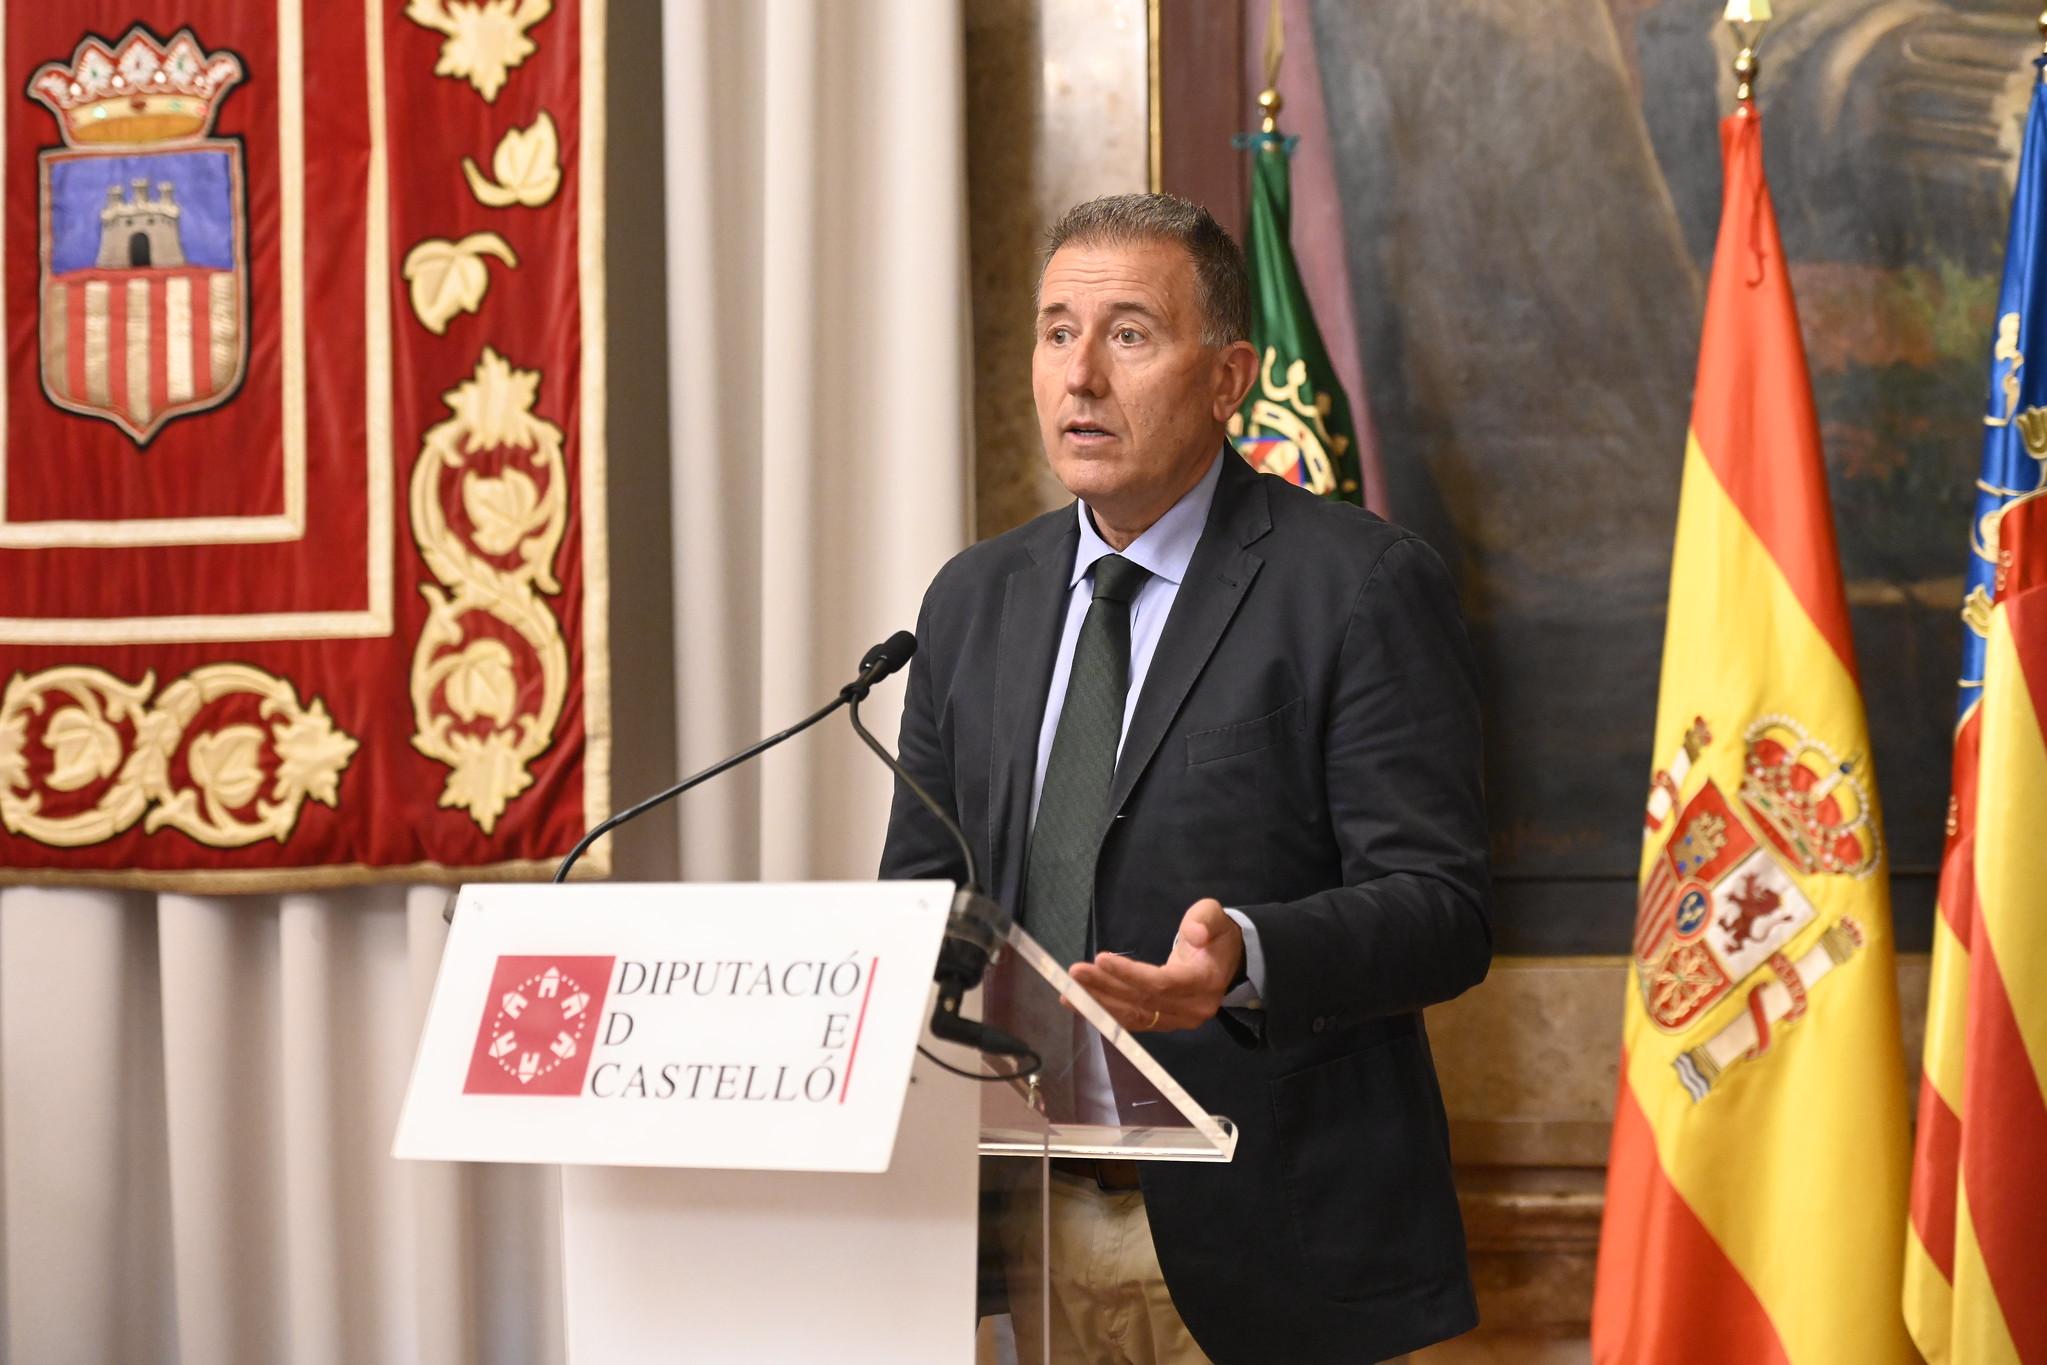 El PPCS protege la citricultura que «el PSOE destruye sin inversión ni tratamientos»